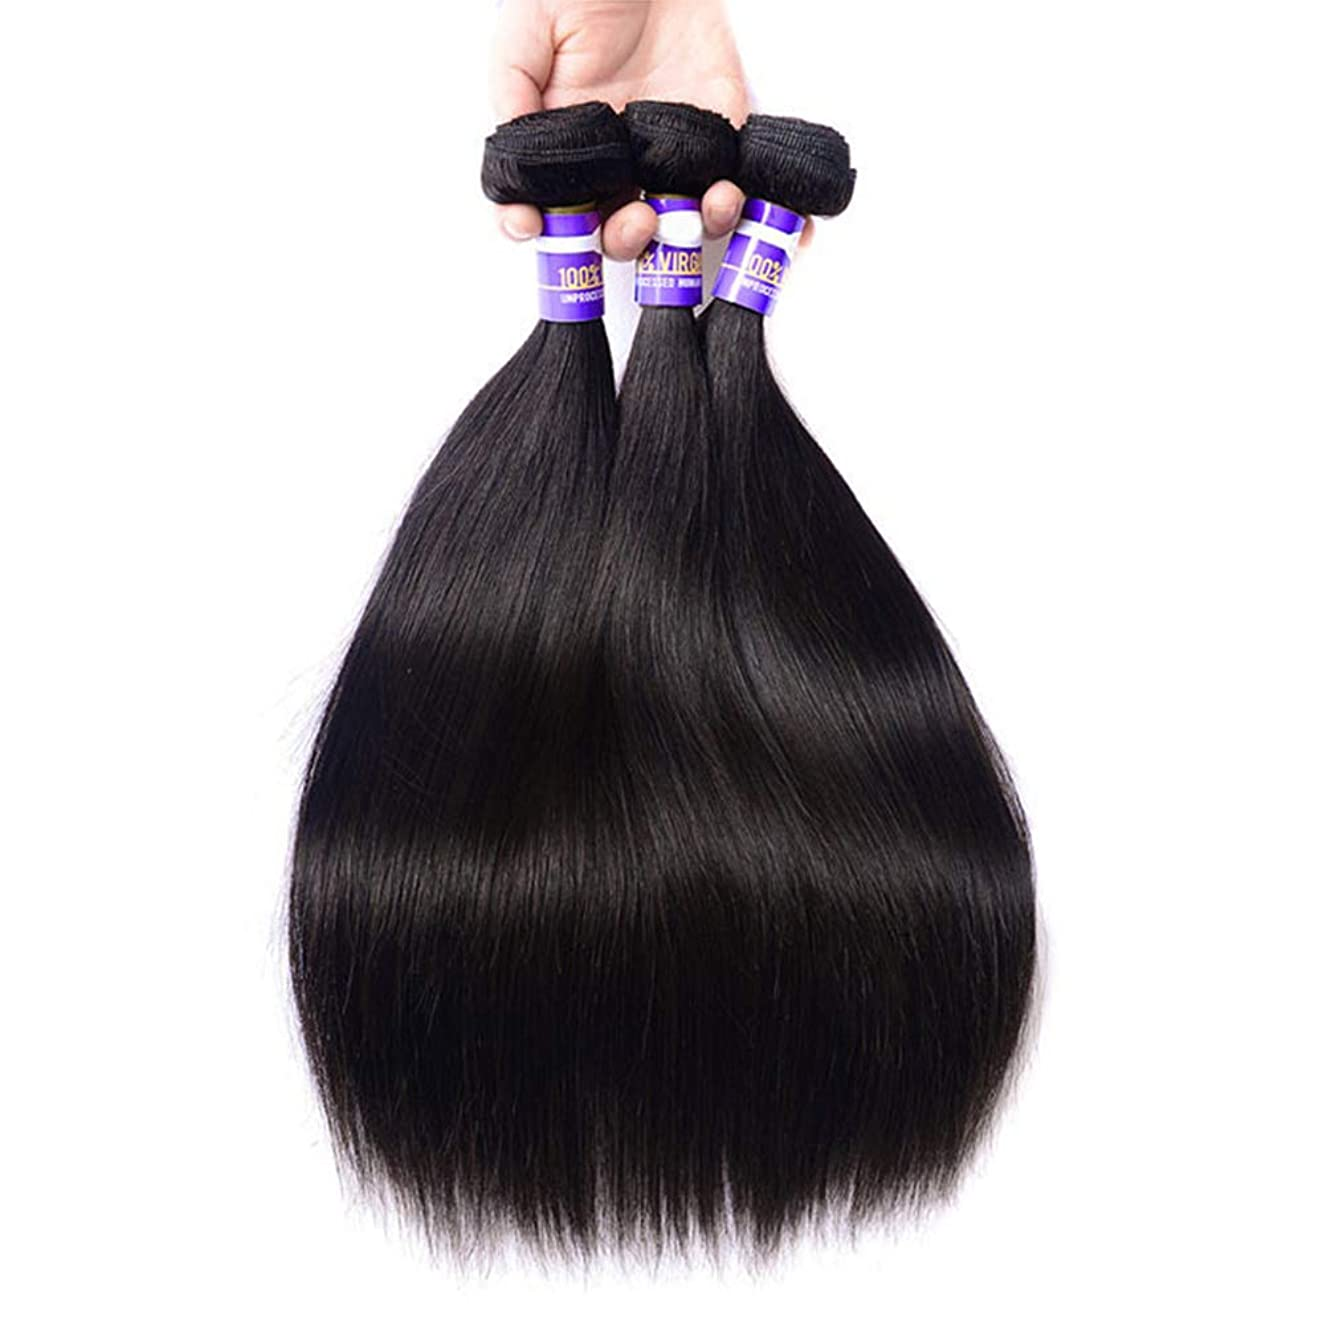 女性の髪織り9Aブラジルのストレートヘアバンドル安いブラジルのヘアバンドルストレート人間の髪のバンドル(3バンドル)